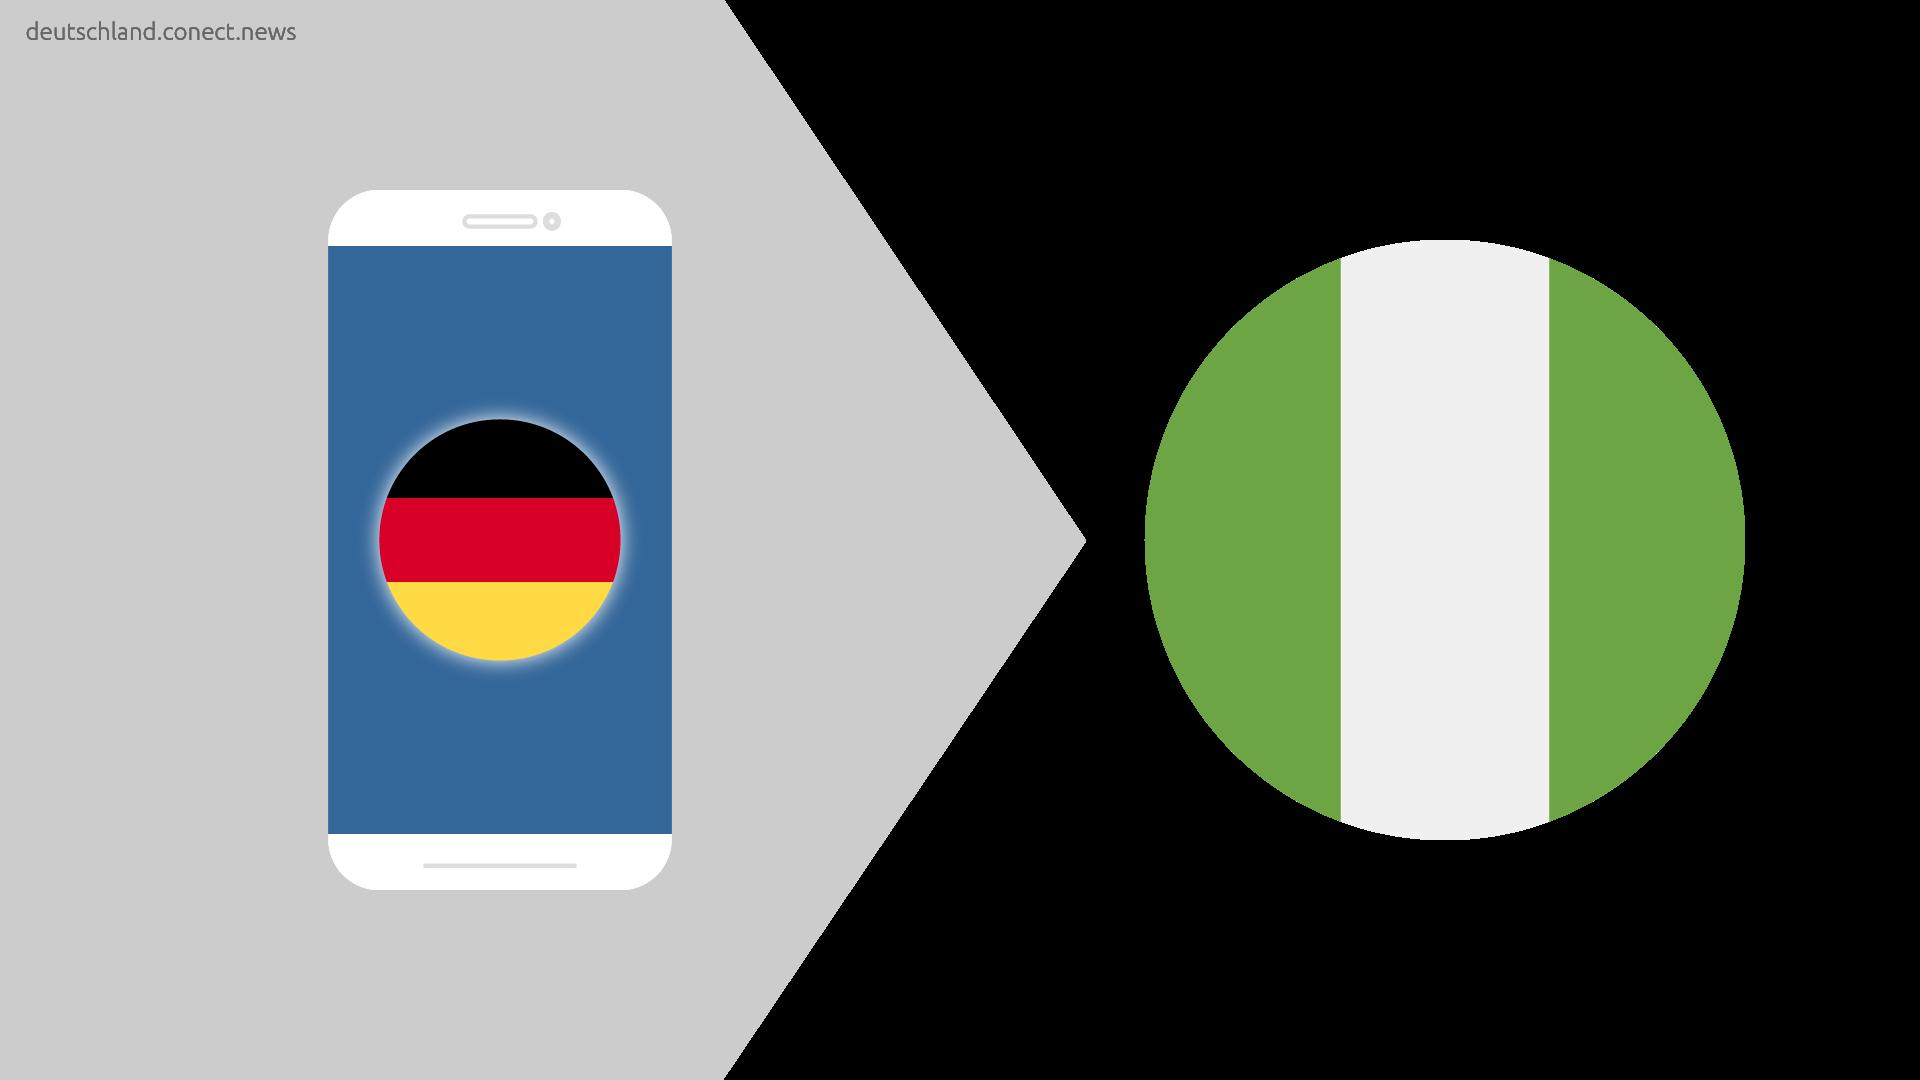 Günstiger von Deutschland nach Nigeria  @conetc_news